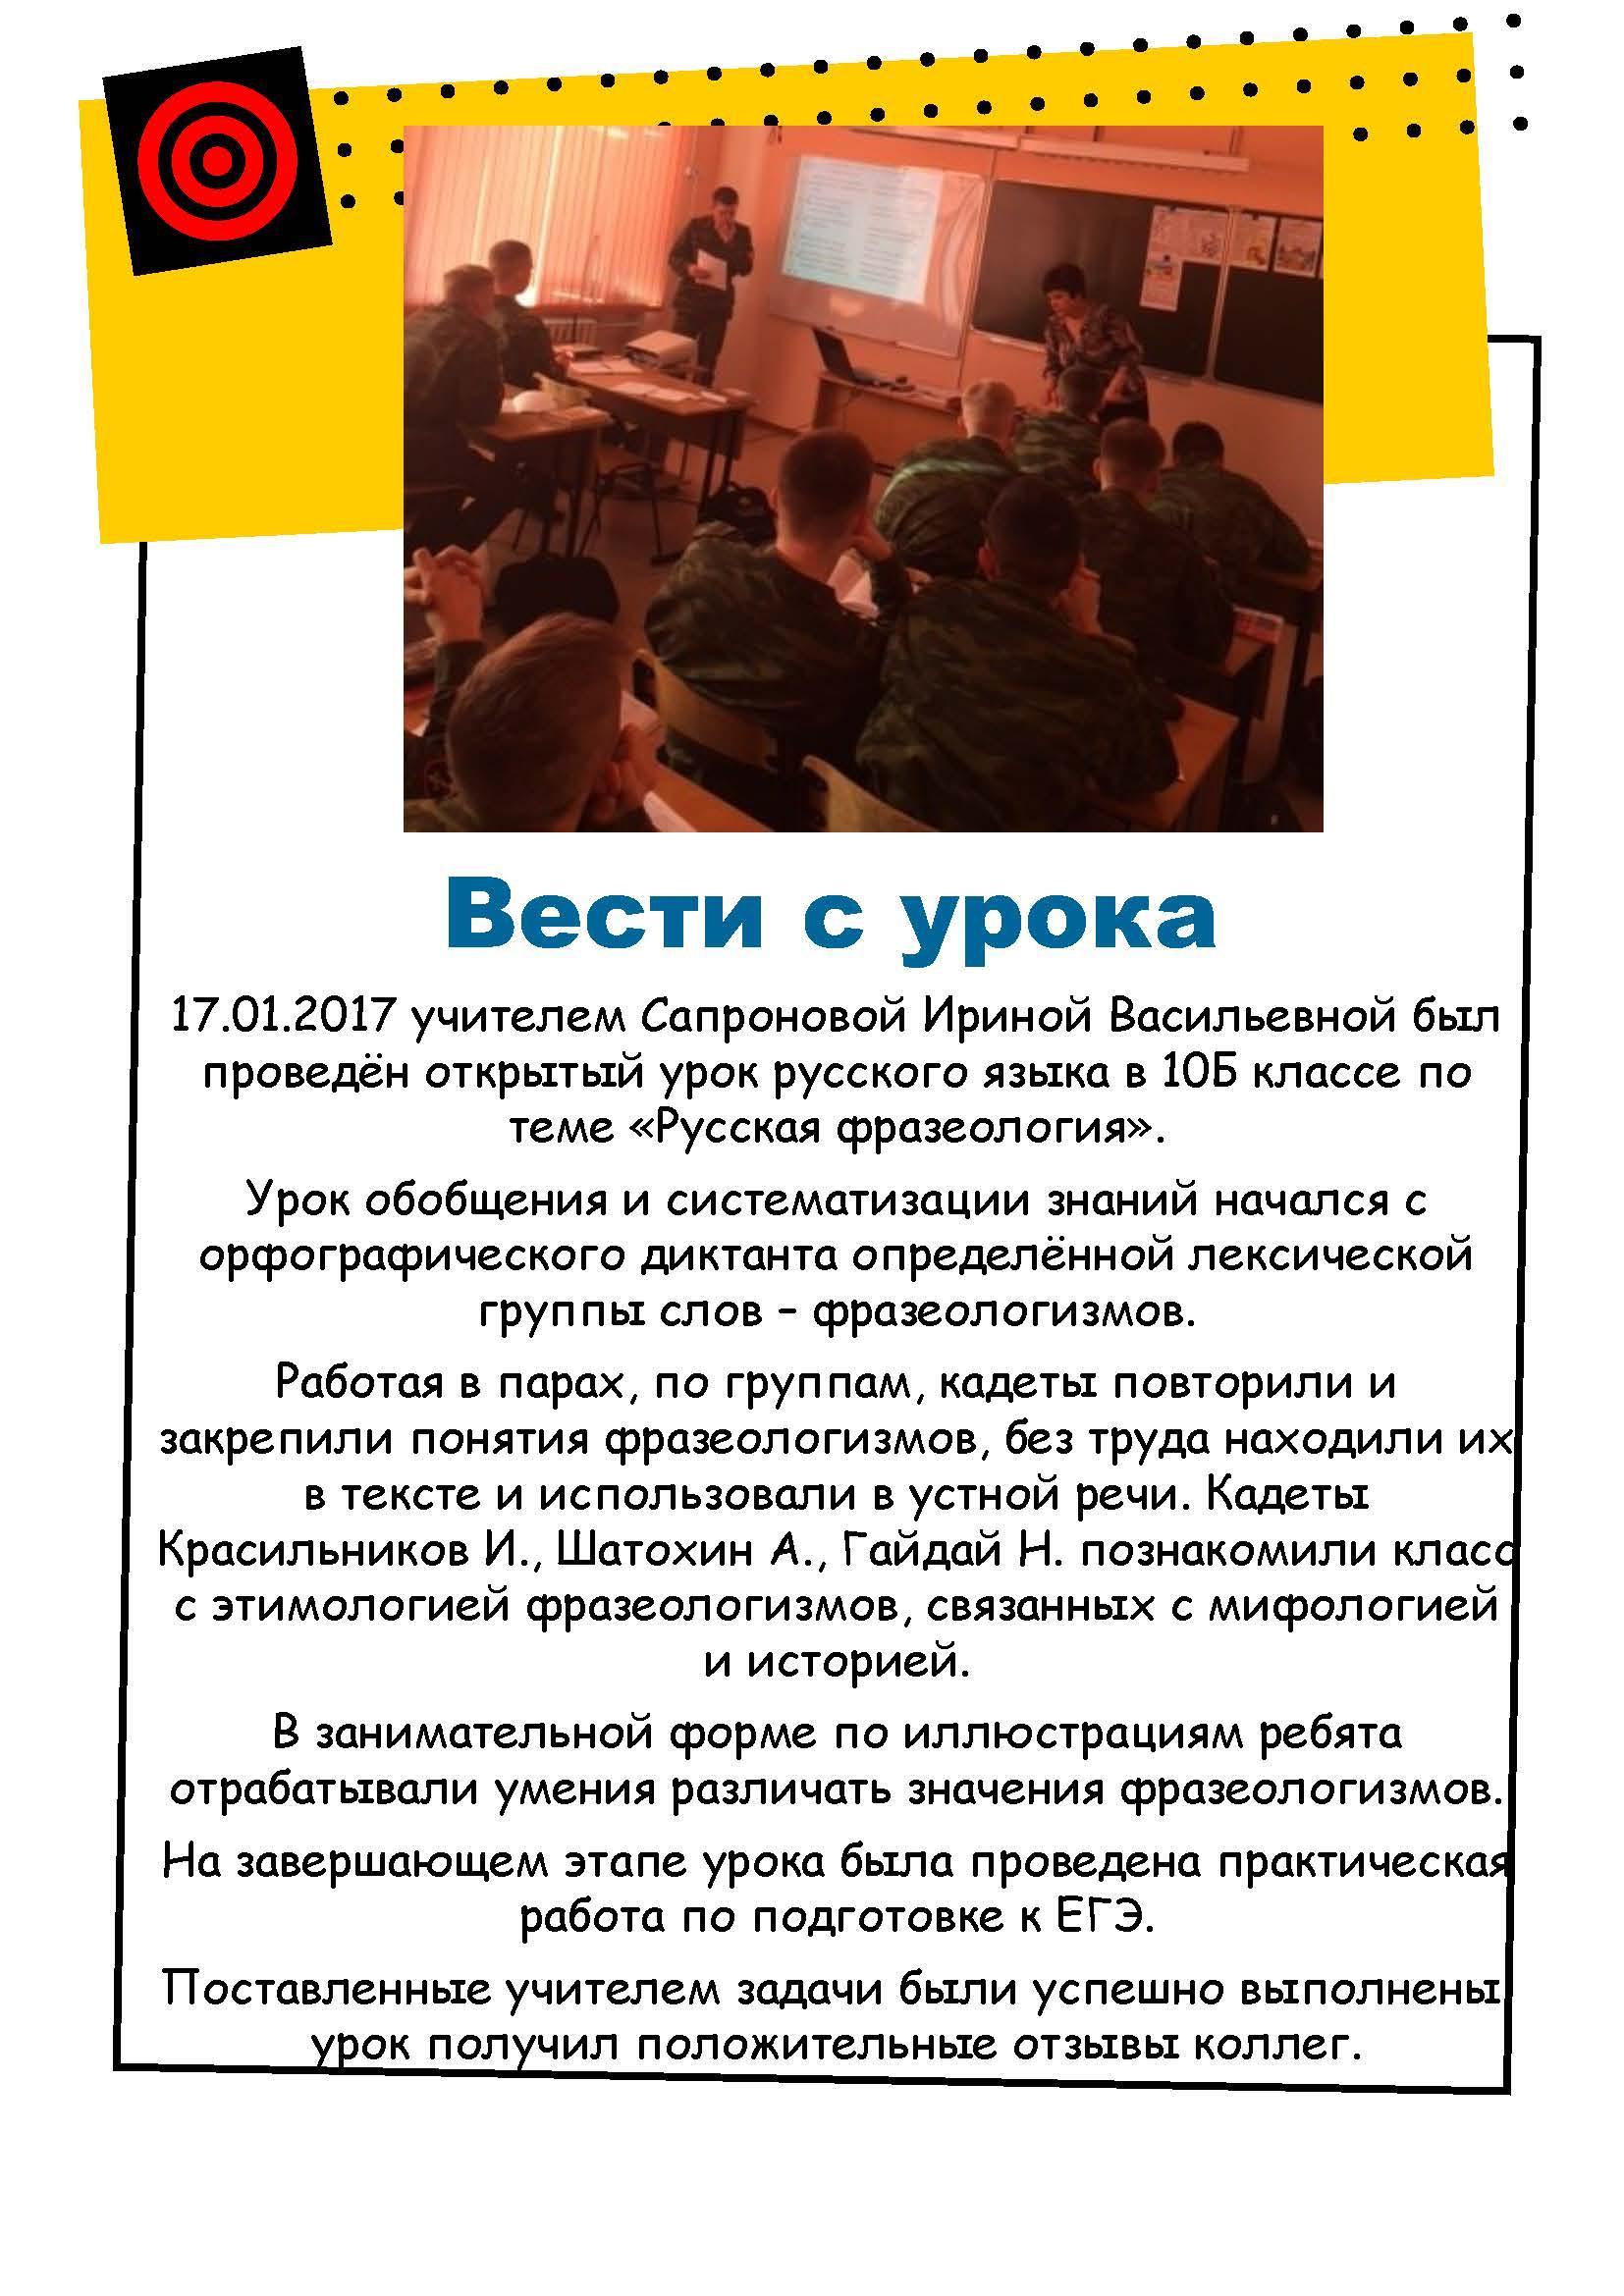 Сапронова 17.01.17